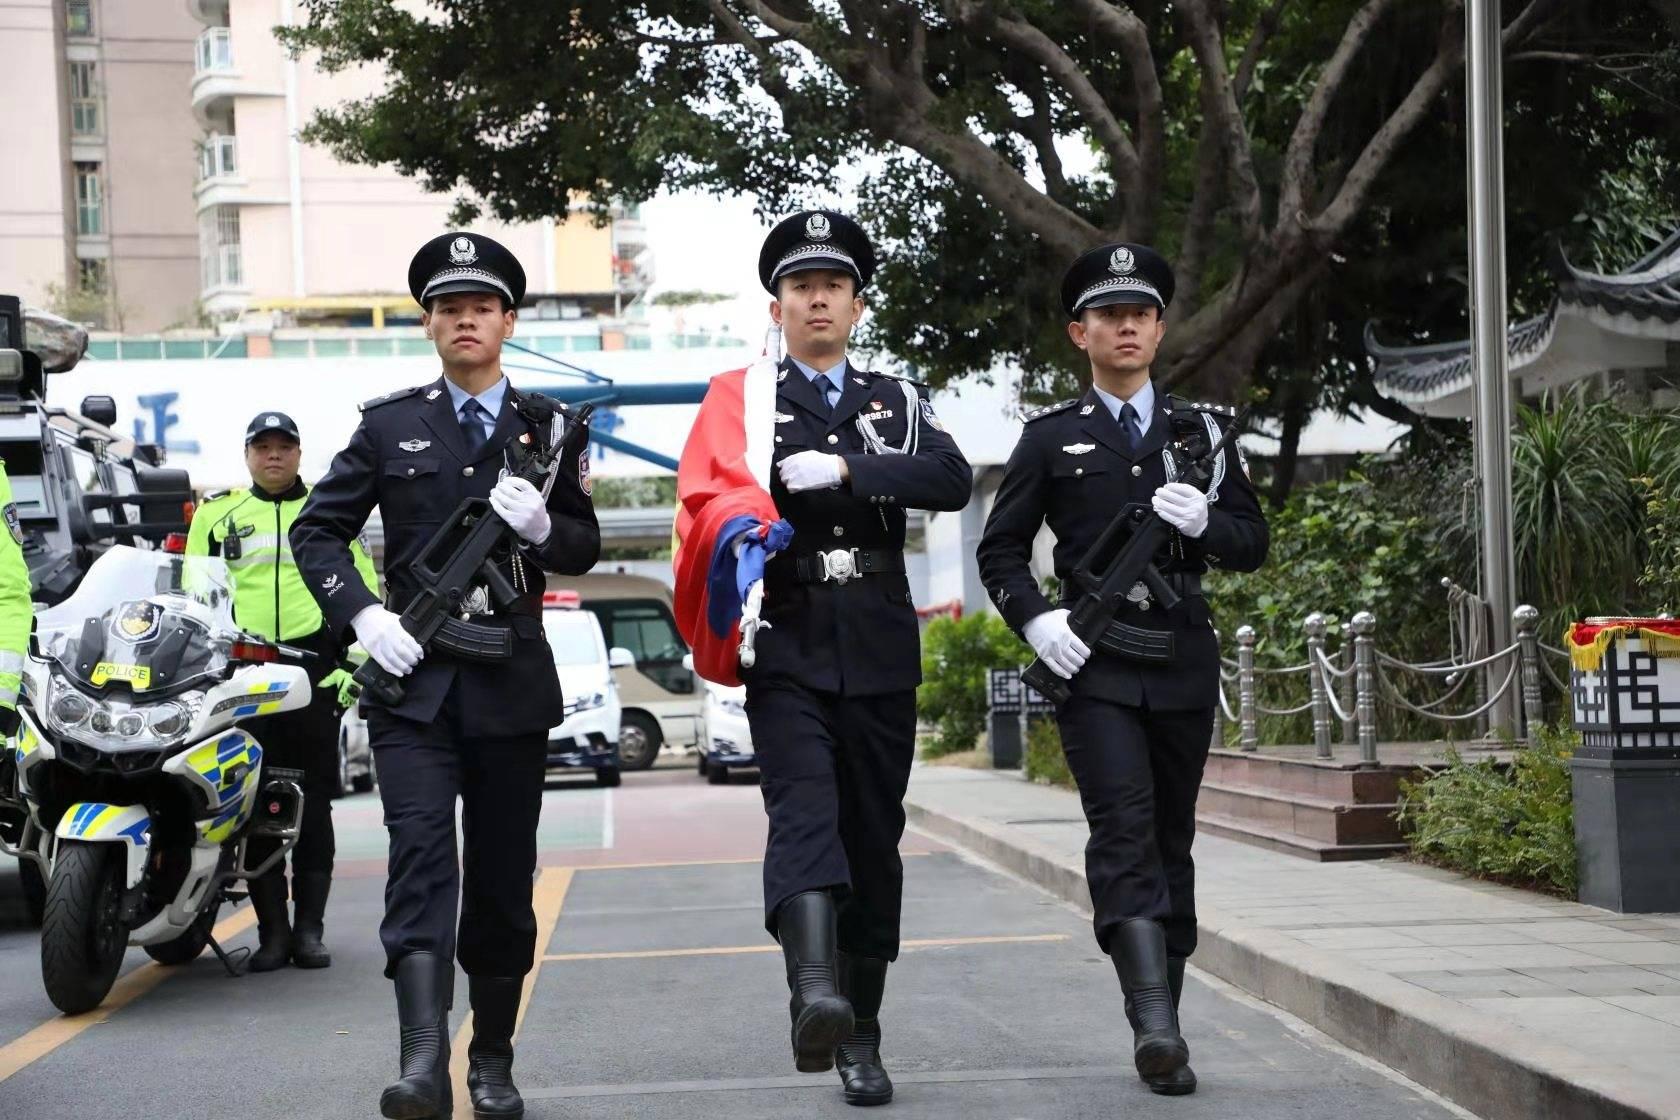 向警旗敬礼!禅城公安开展庆祝中国人民警察节系列活动